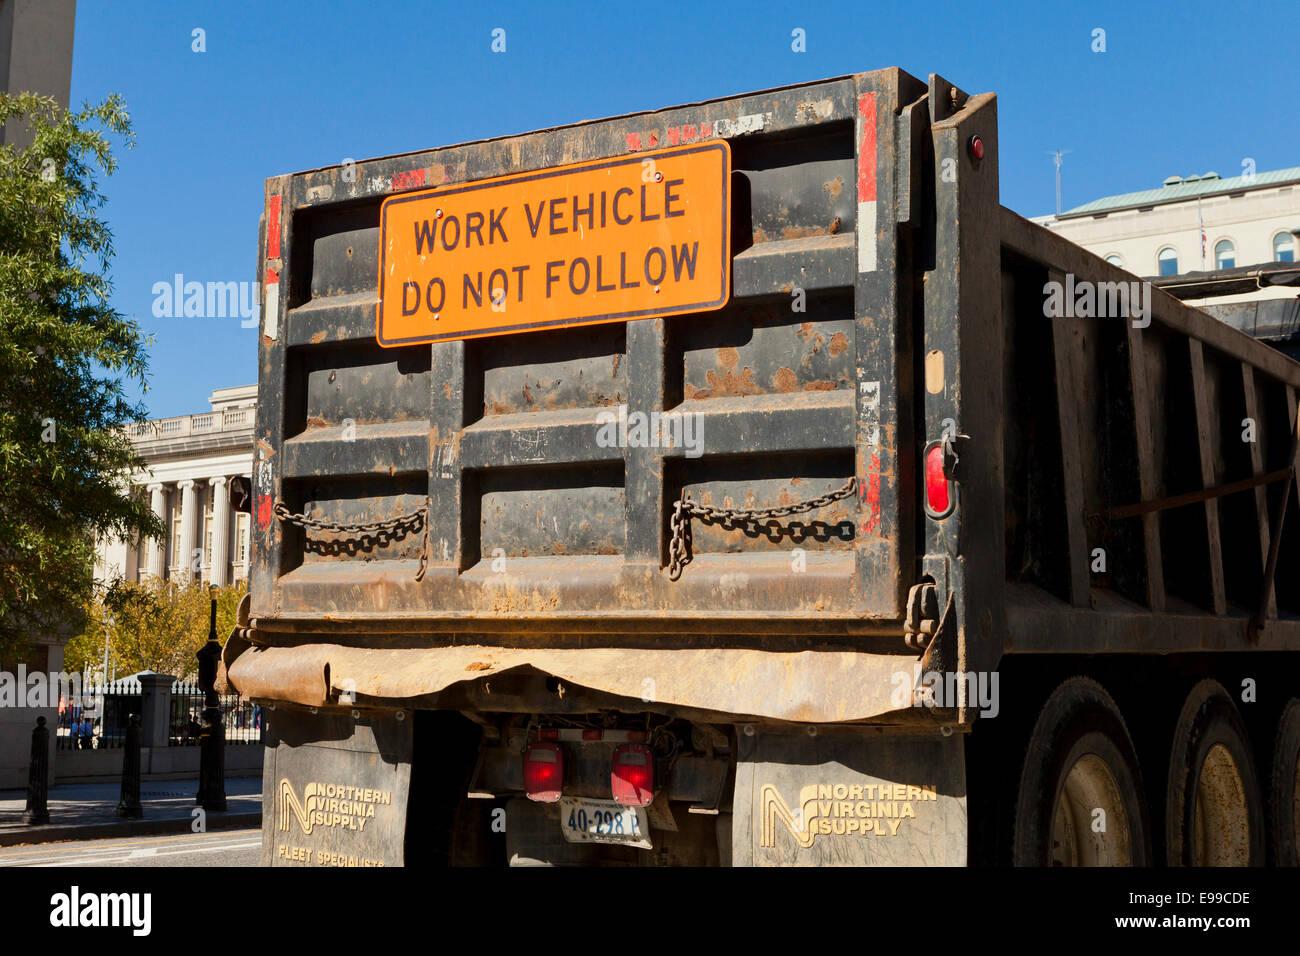 Non seguire il messaggio di avvertenza di lavori di costruzione carrello - USA Immagini Stock